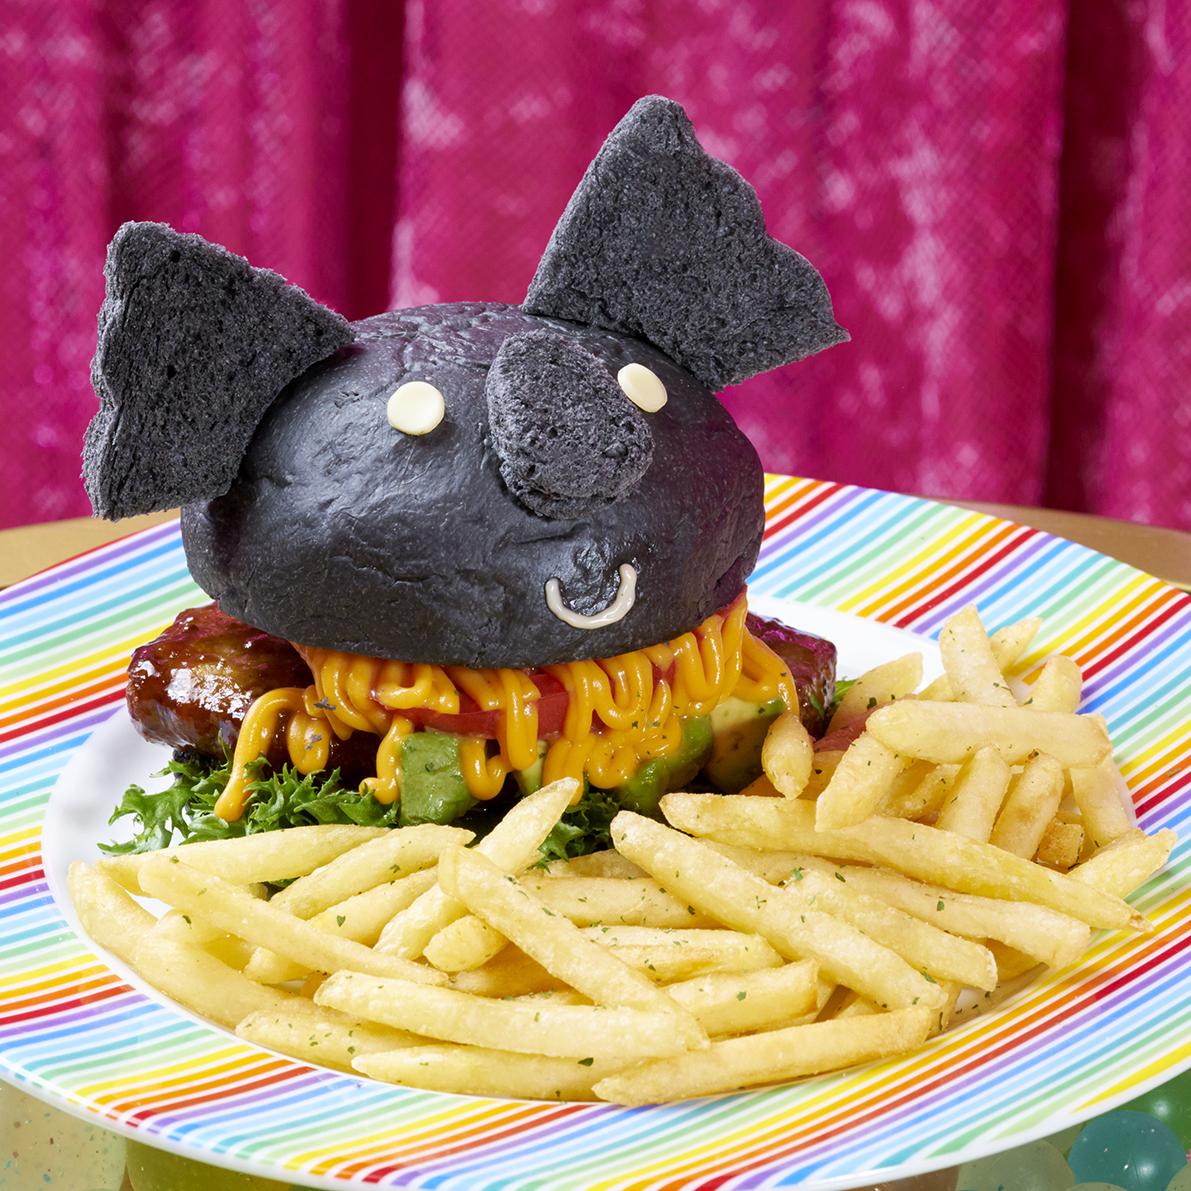 ロッテの看板商品を使ったハロウィン限定メニューが「KAWAII MONSTER CAFE HARAJUKU」にお目見え!